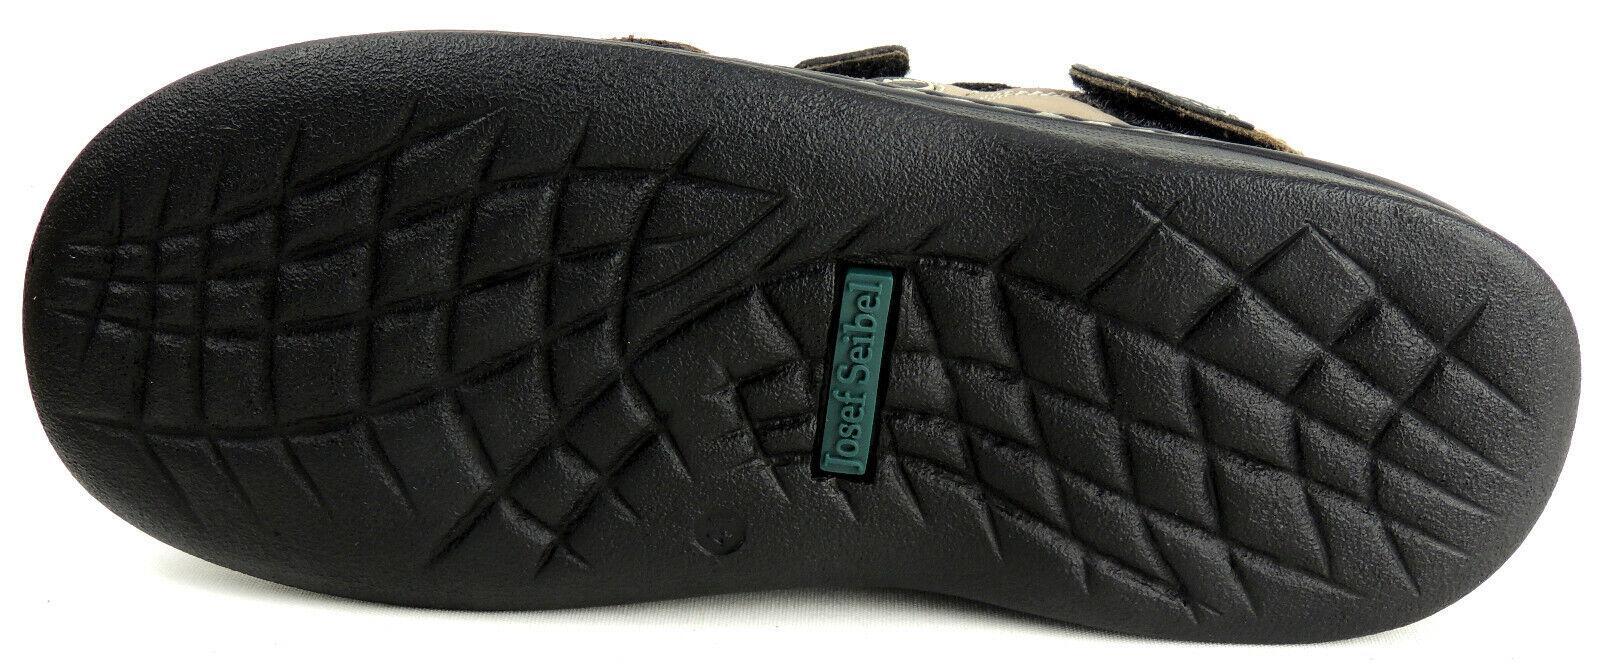 JOSEF SEIBEL  Herren - Sandale    NUBUKLEDER  3x Klett   FRANKLYN   grau    Modern Und Elegant In Der Mode  a1c5f9